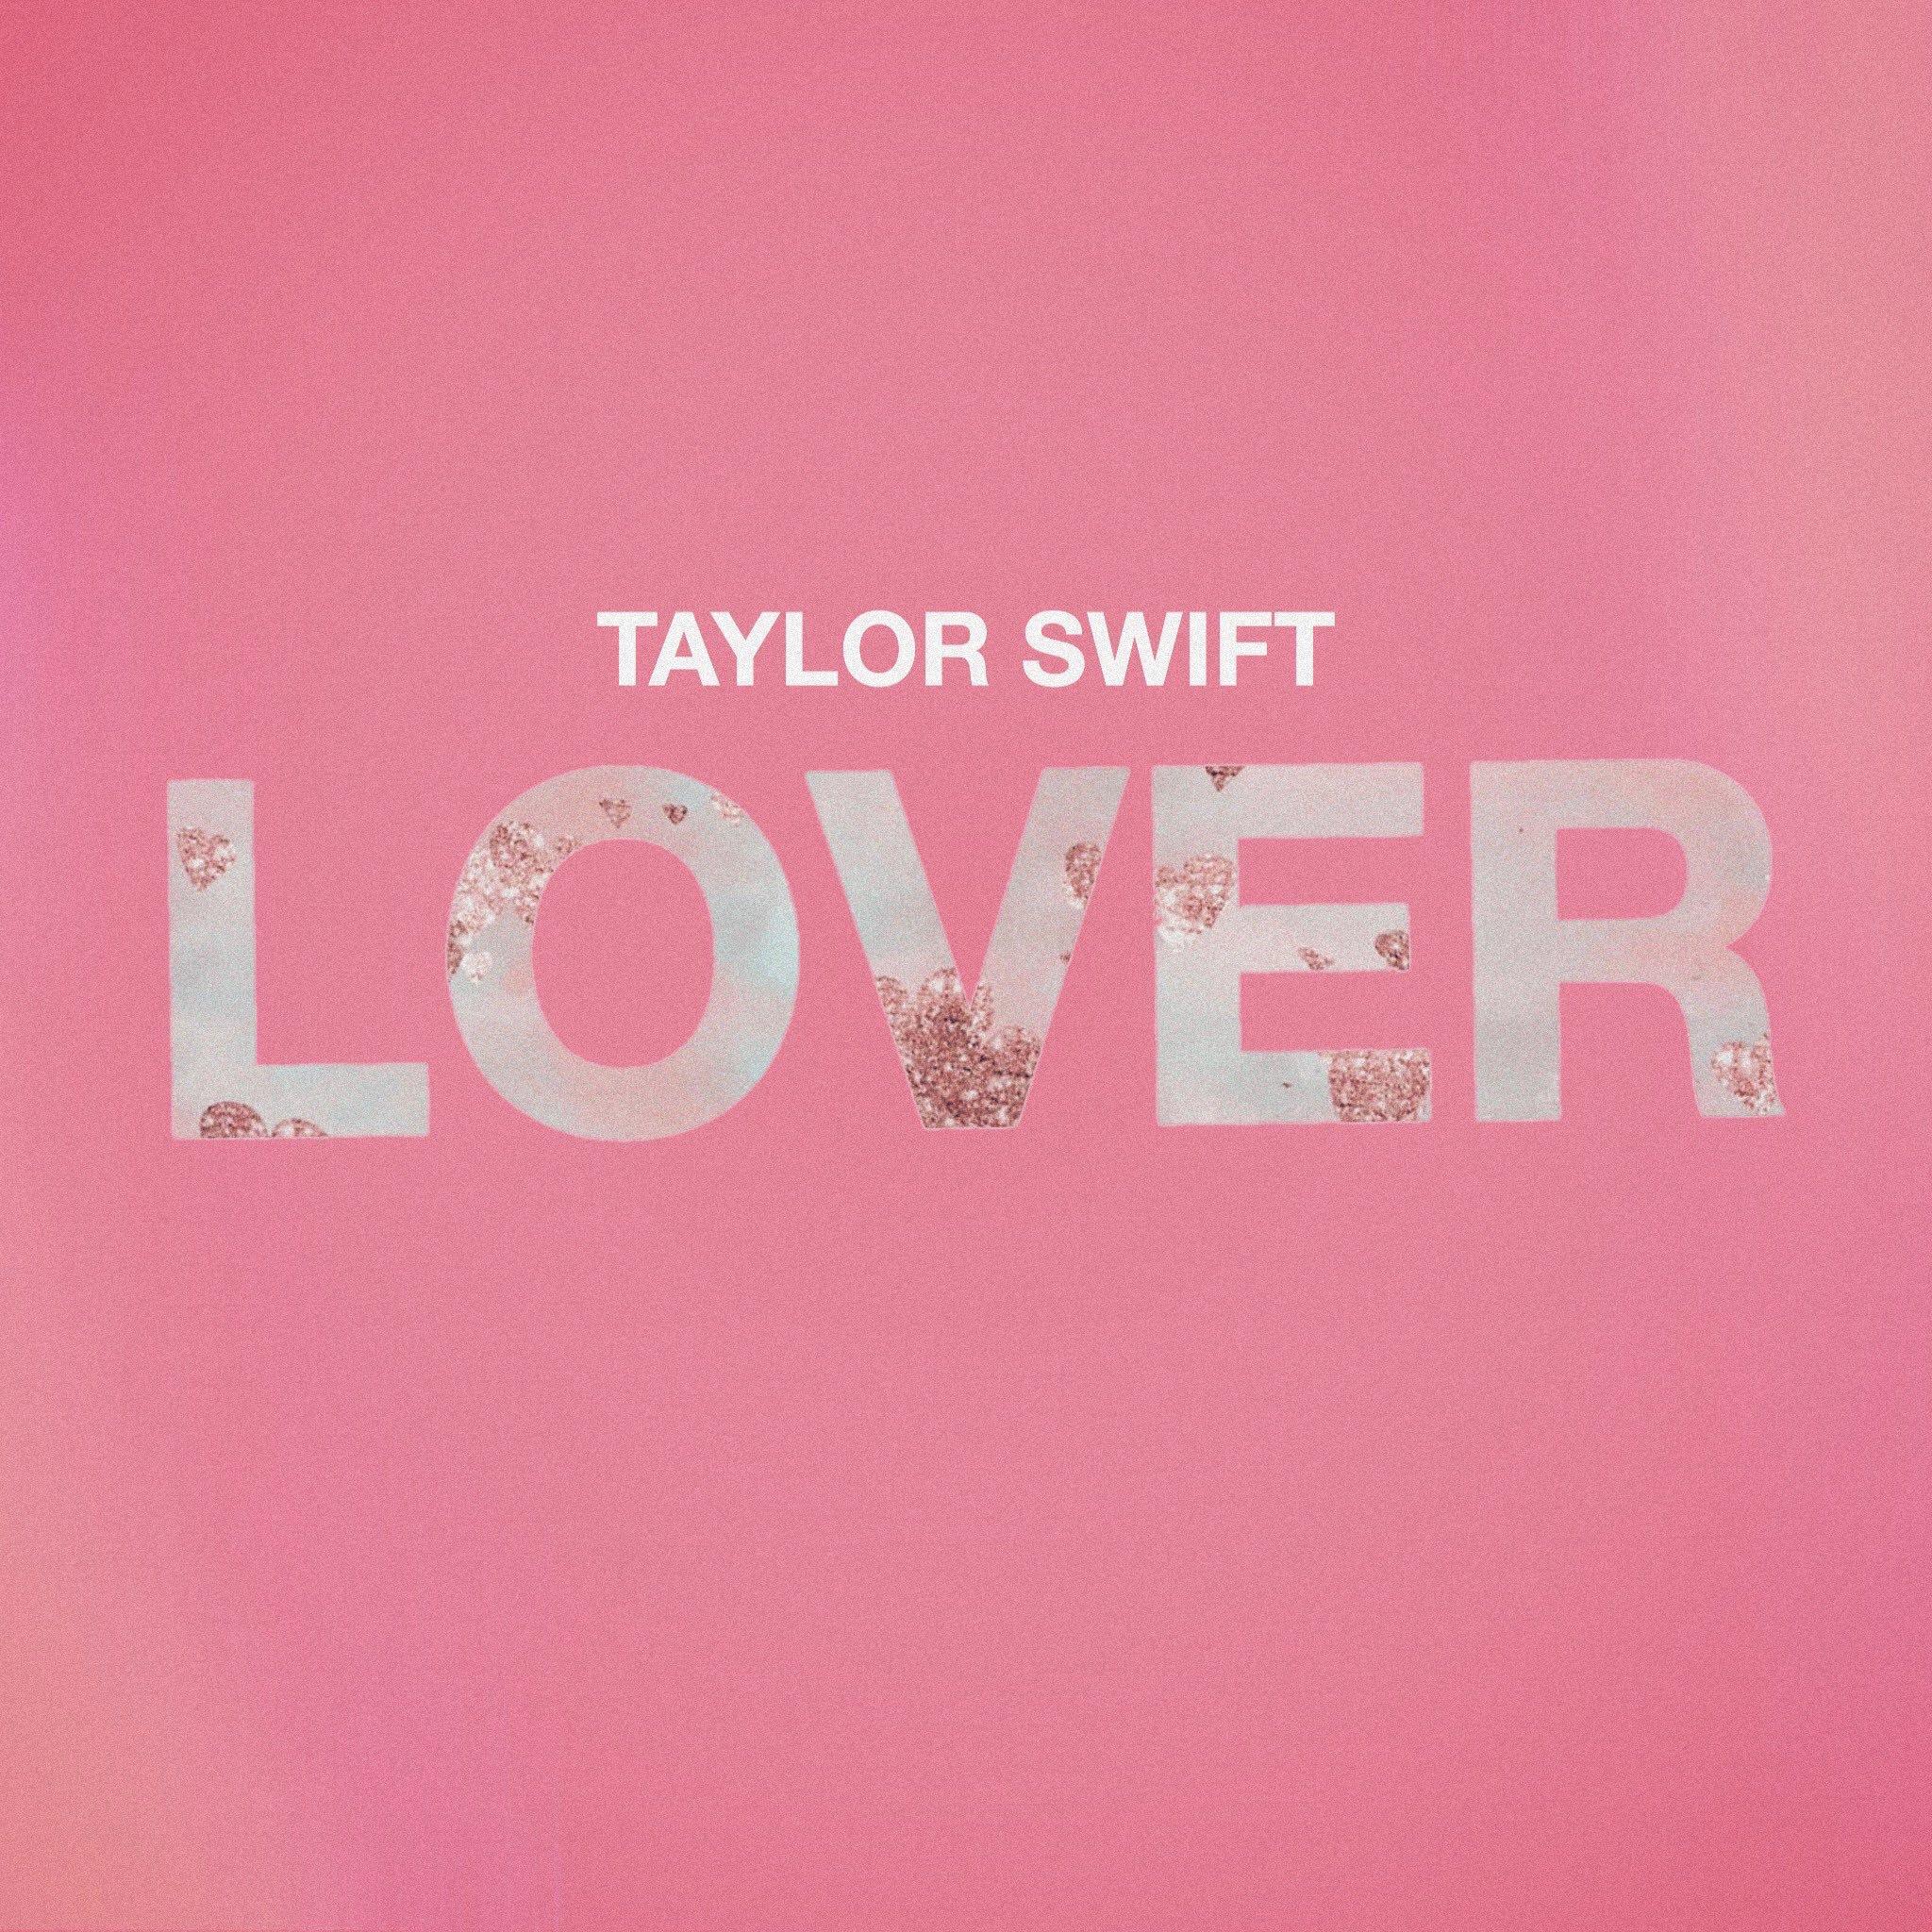 Taylor Swift Lover Taylor Swift Photo 42965452 Fanpop